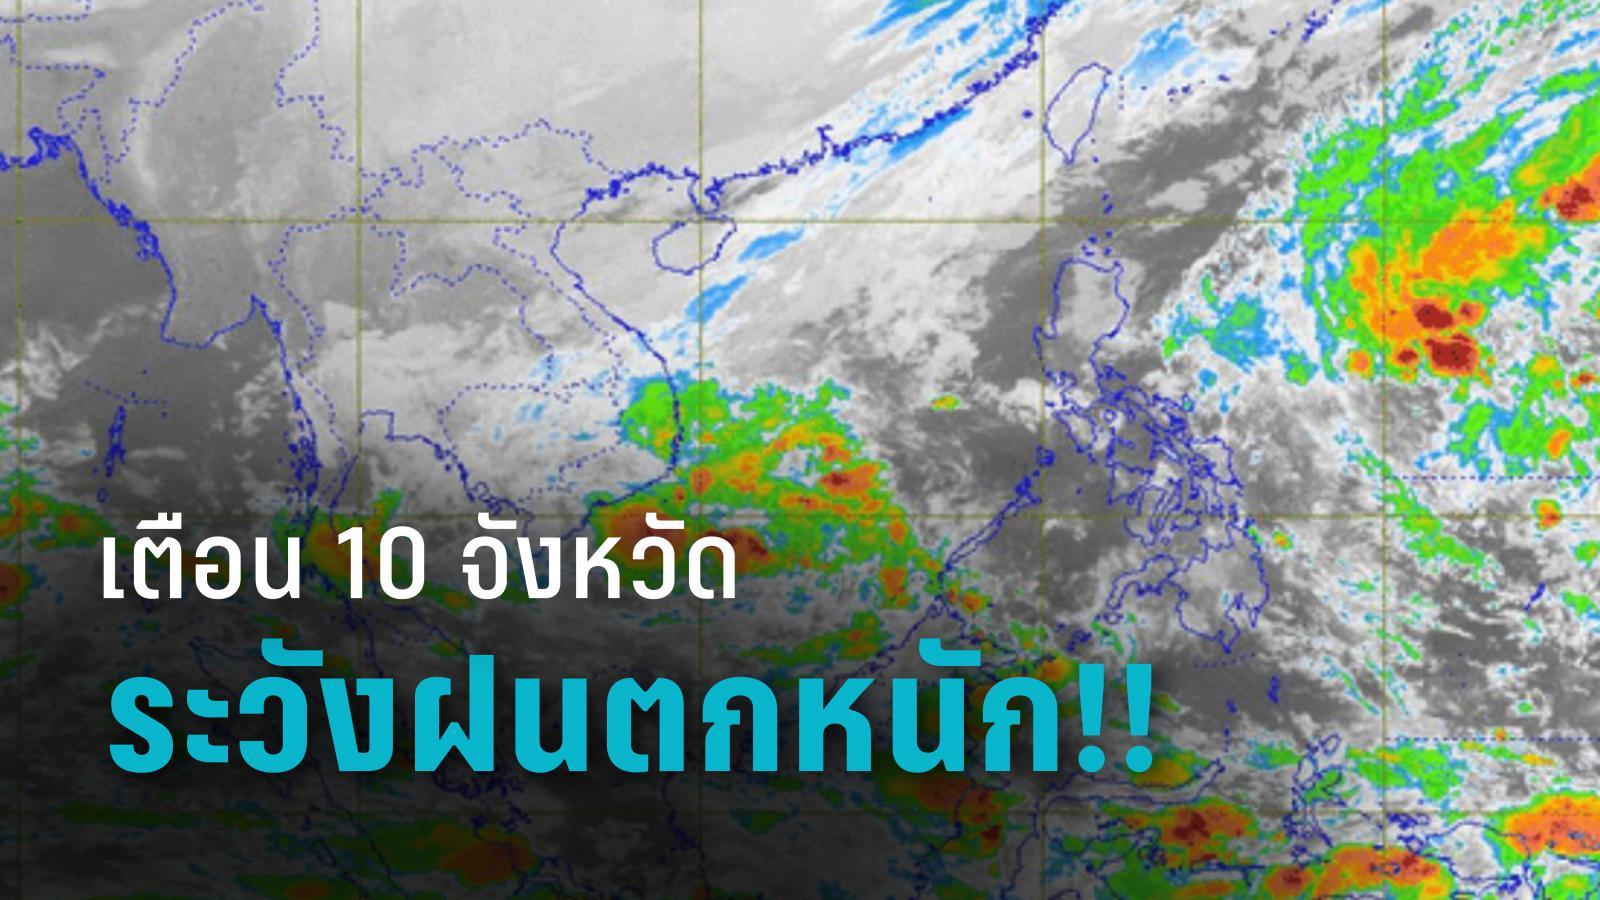 อุตุฯ เตือน 10 จังหวัดระวังฝนตกหนัก!!